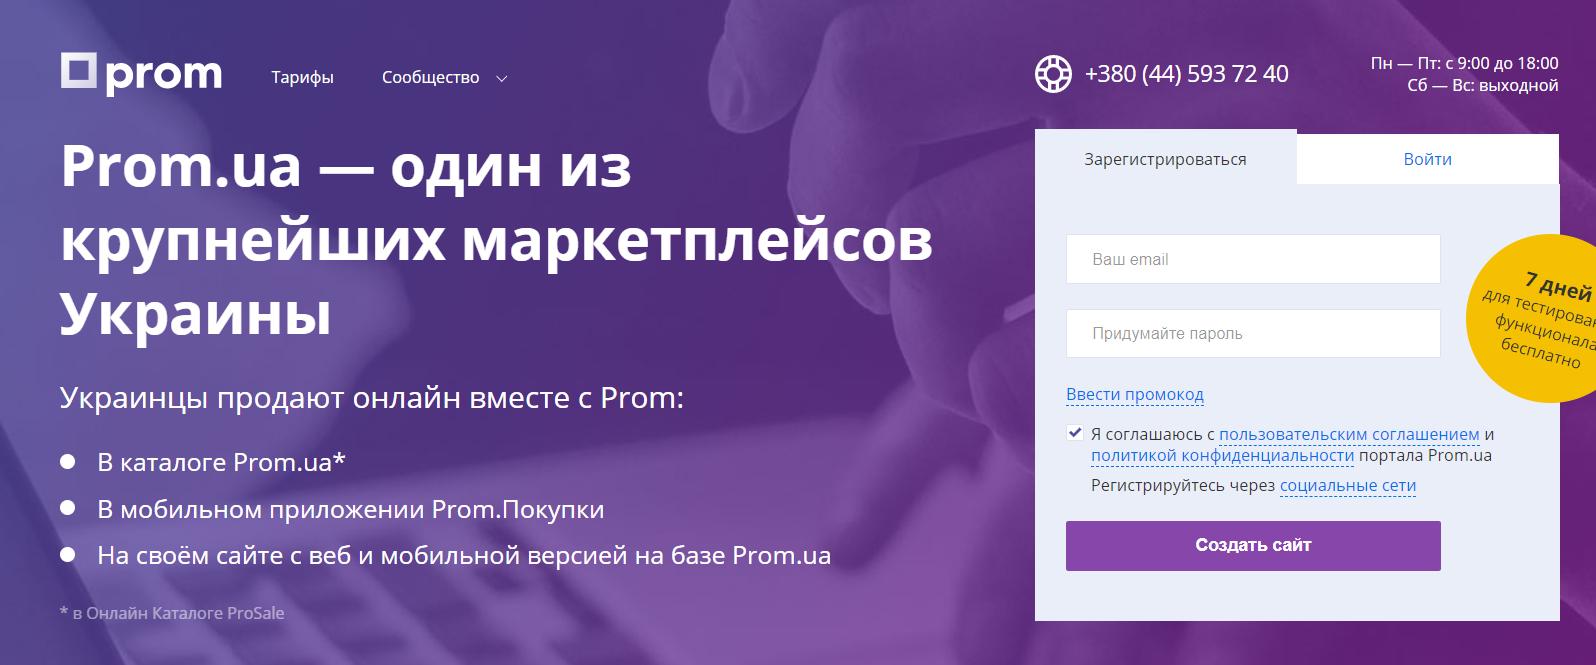 Стоит ли создавать сайт на Prom?